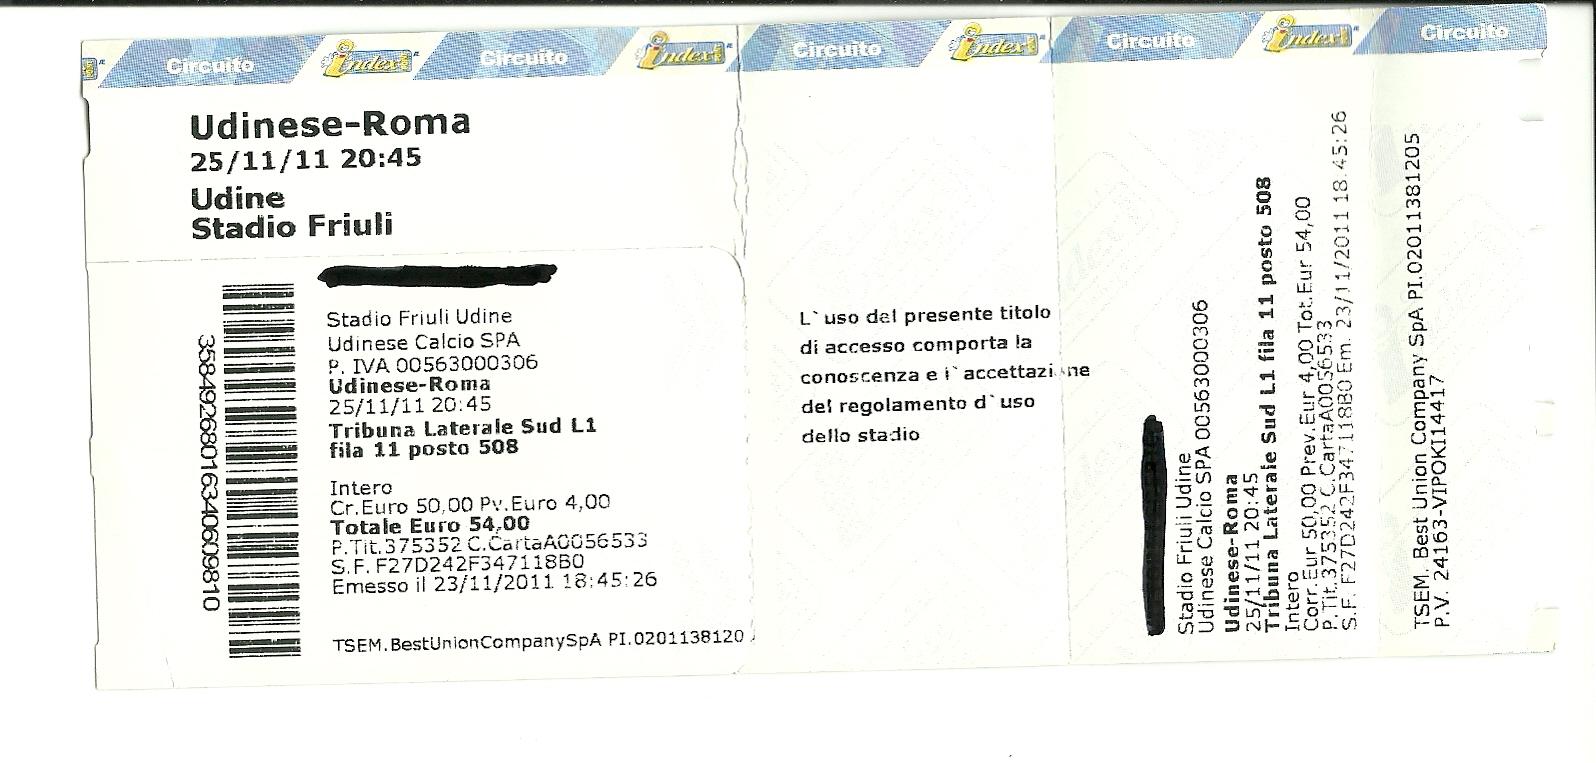 biglietti milan udinese 30 novembre 1989 - photo#1